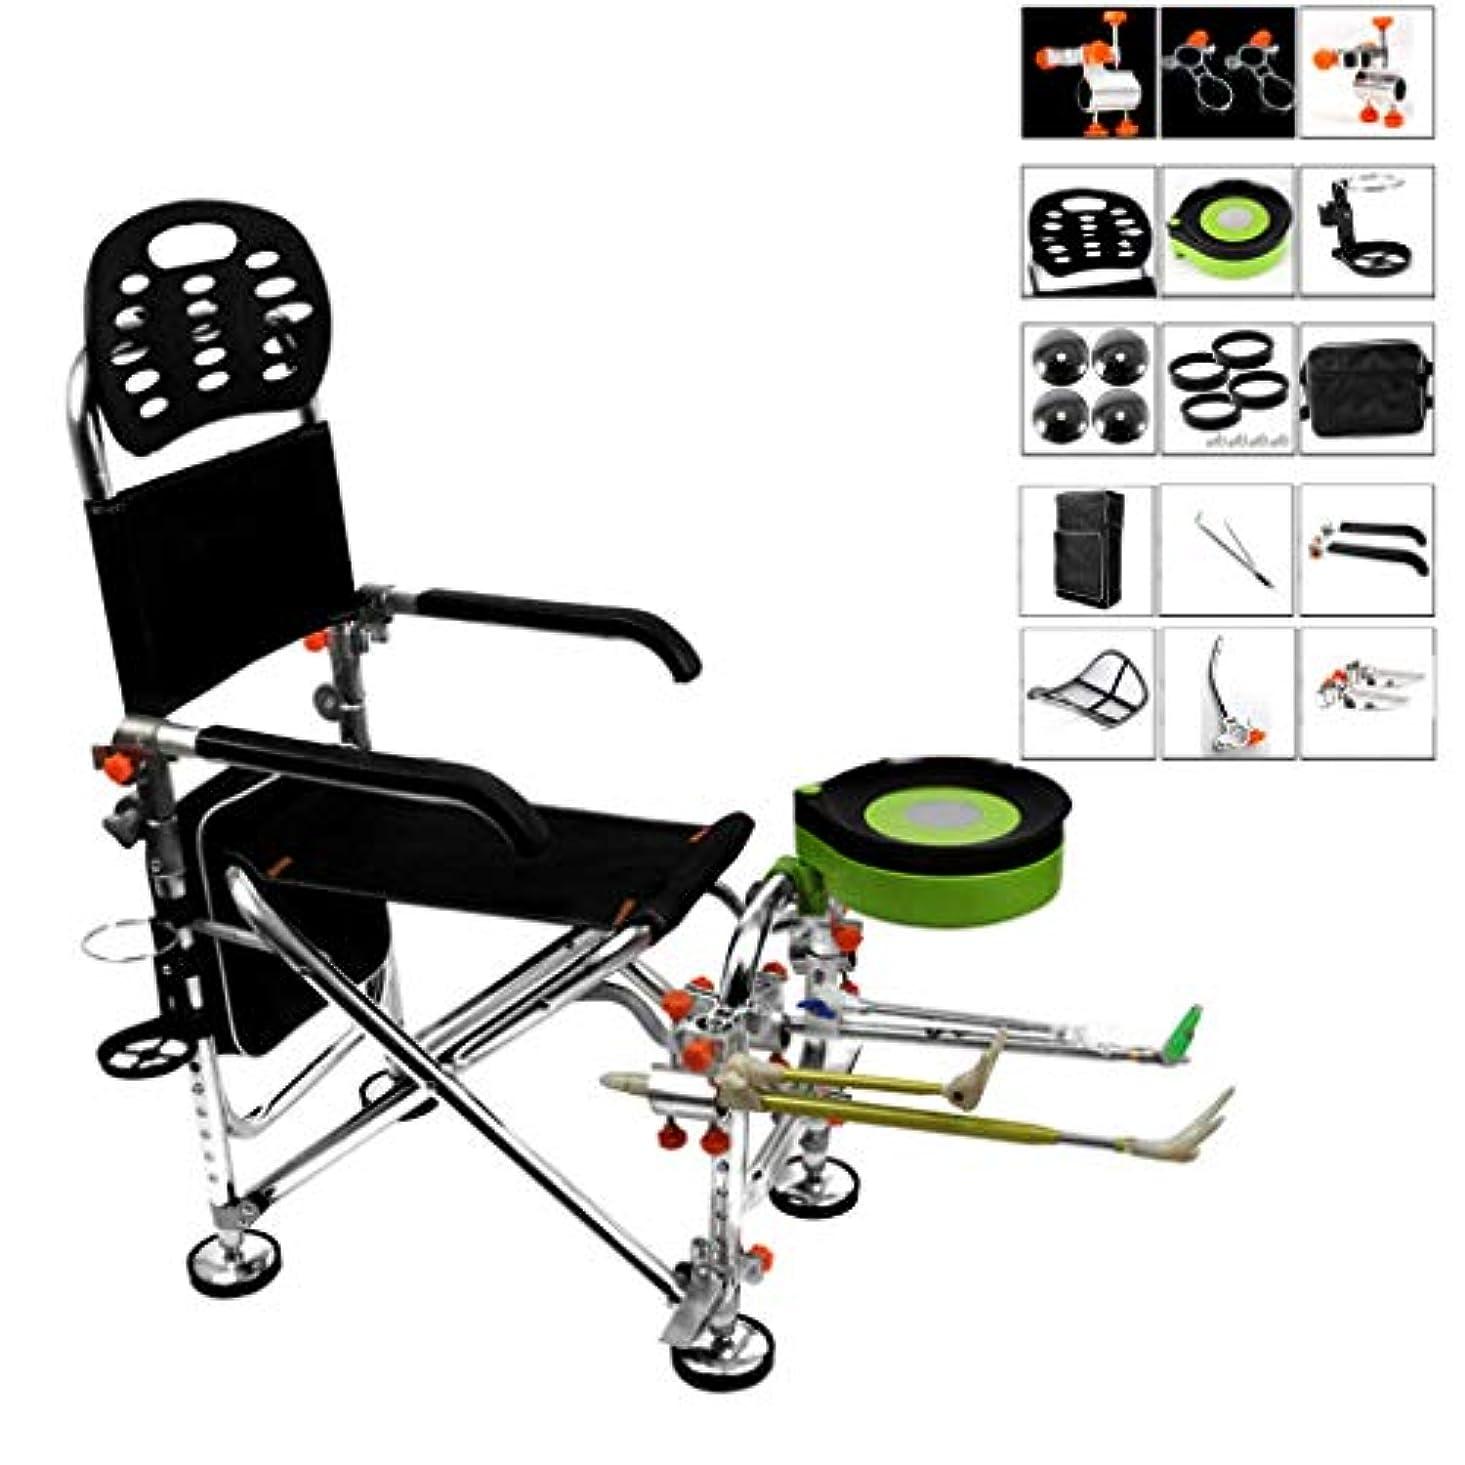 なので閉じるポーター釣り折りたたみ椅子、快適な背もたれ座席、調節可能な多機能軽量アルミニウムナイトフィッシングチェア釣り用品、15個付属品